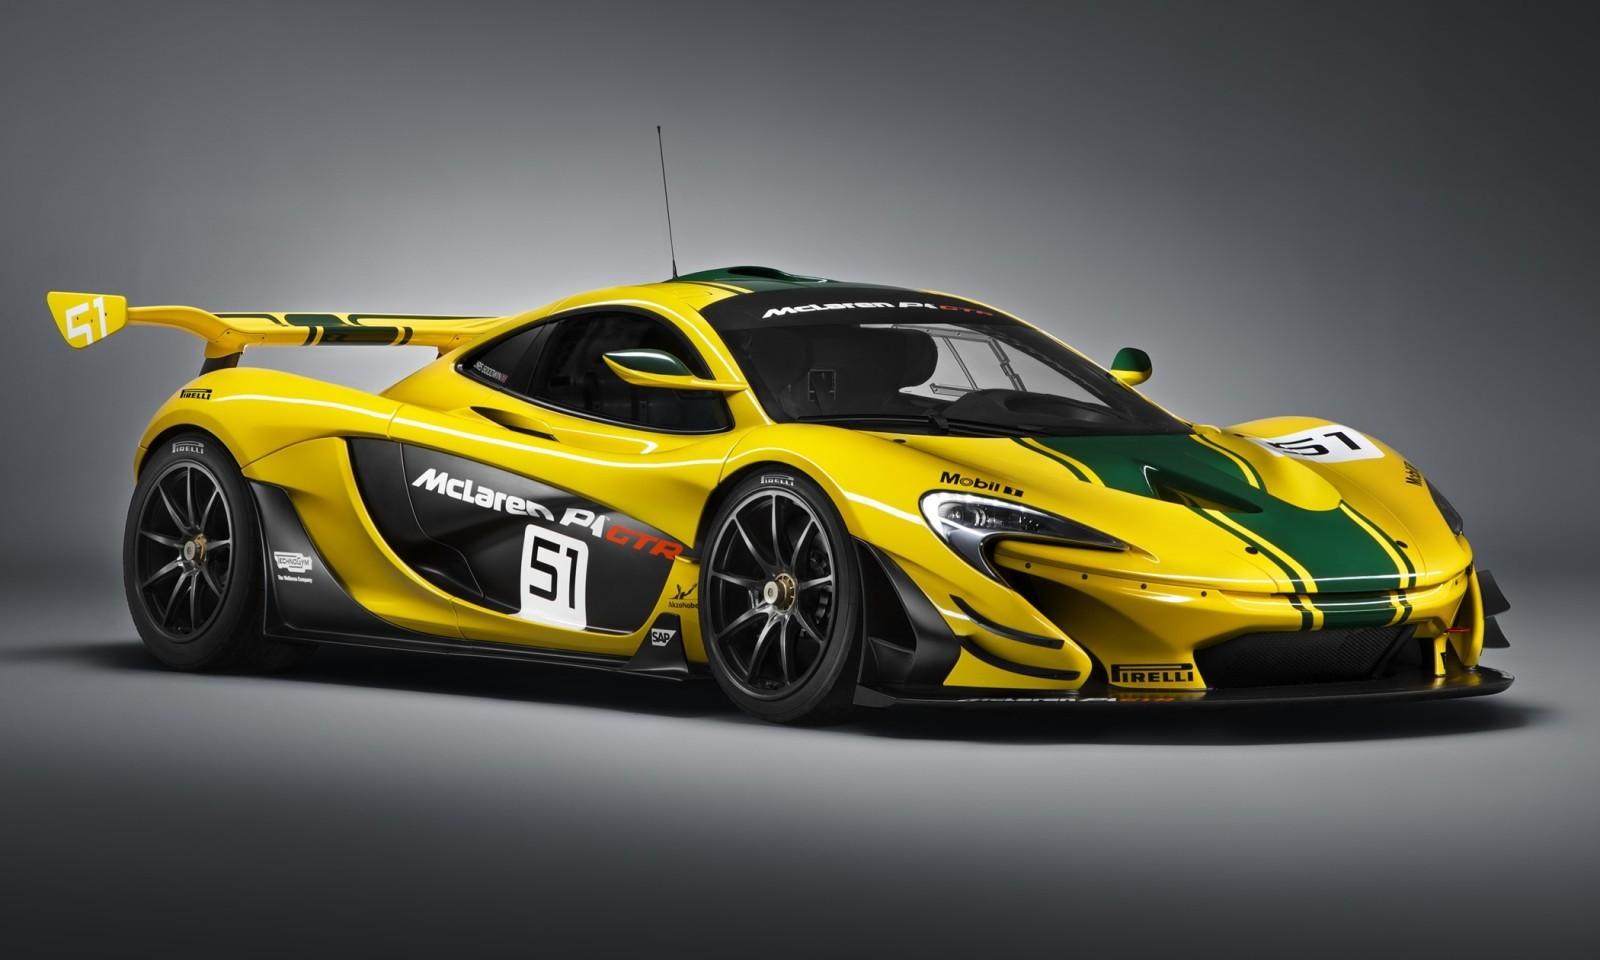 2016 McLaren P1 GTR Yellow 1